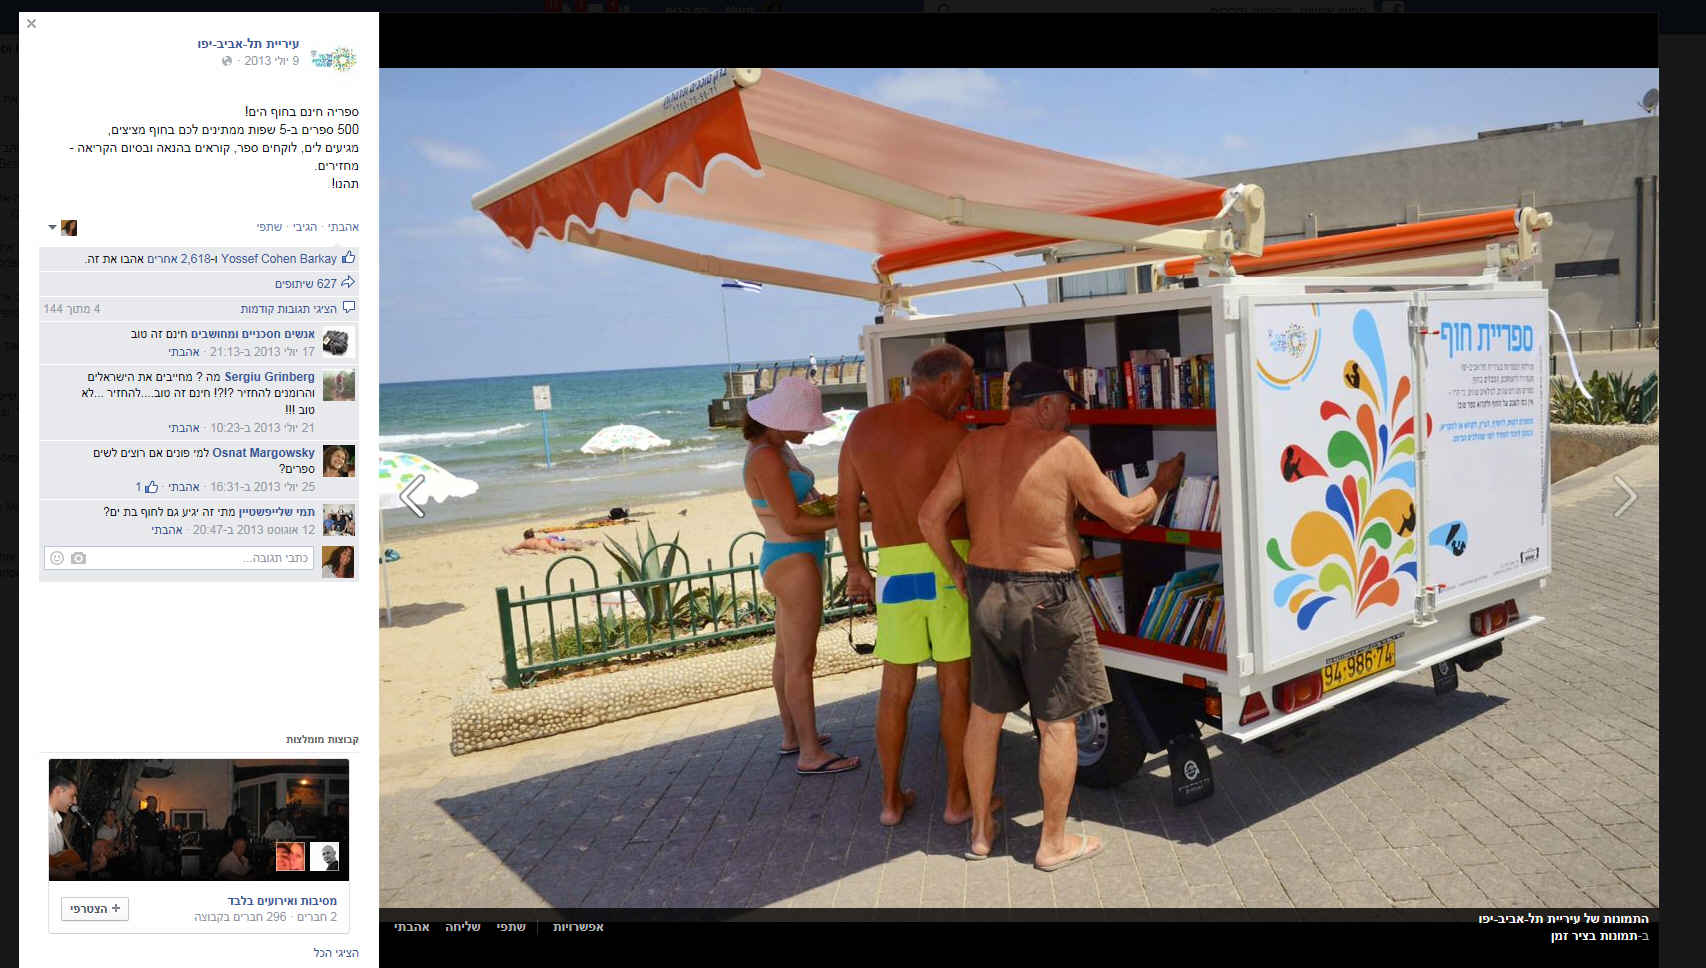 פייסבוק עירית תל אביב 2600 לייקים